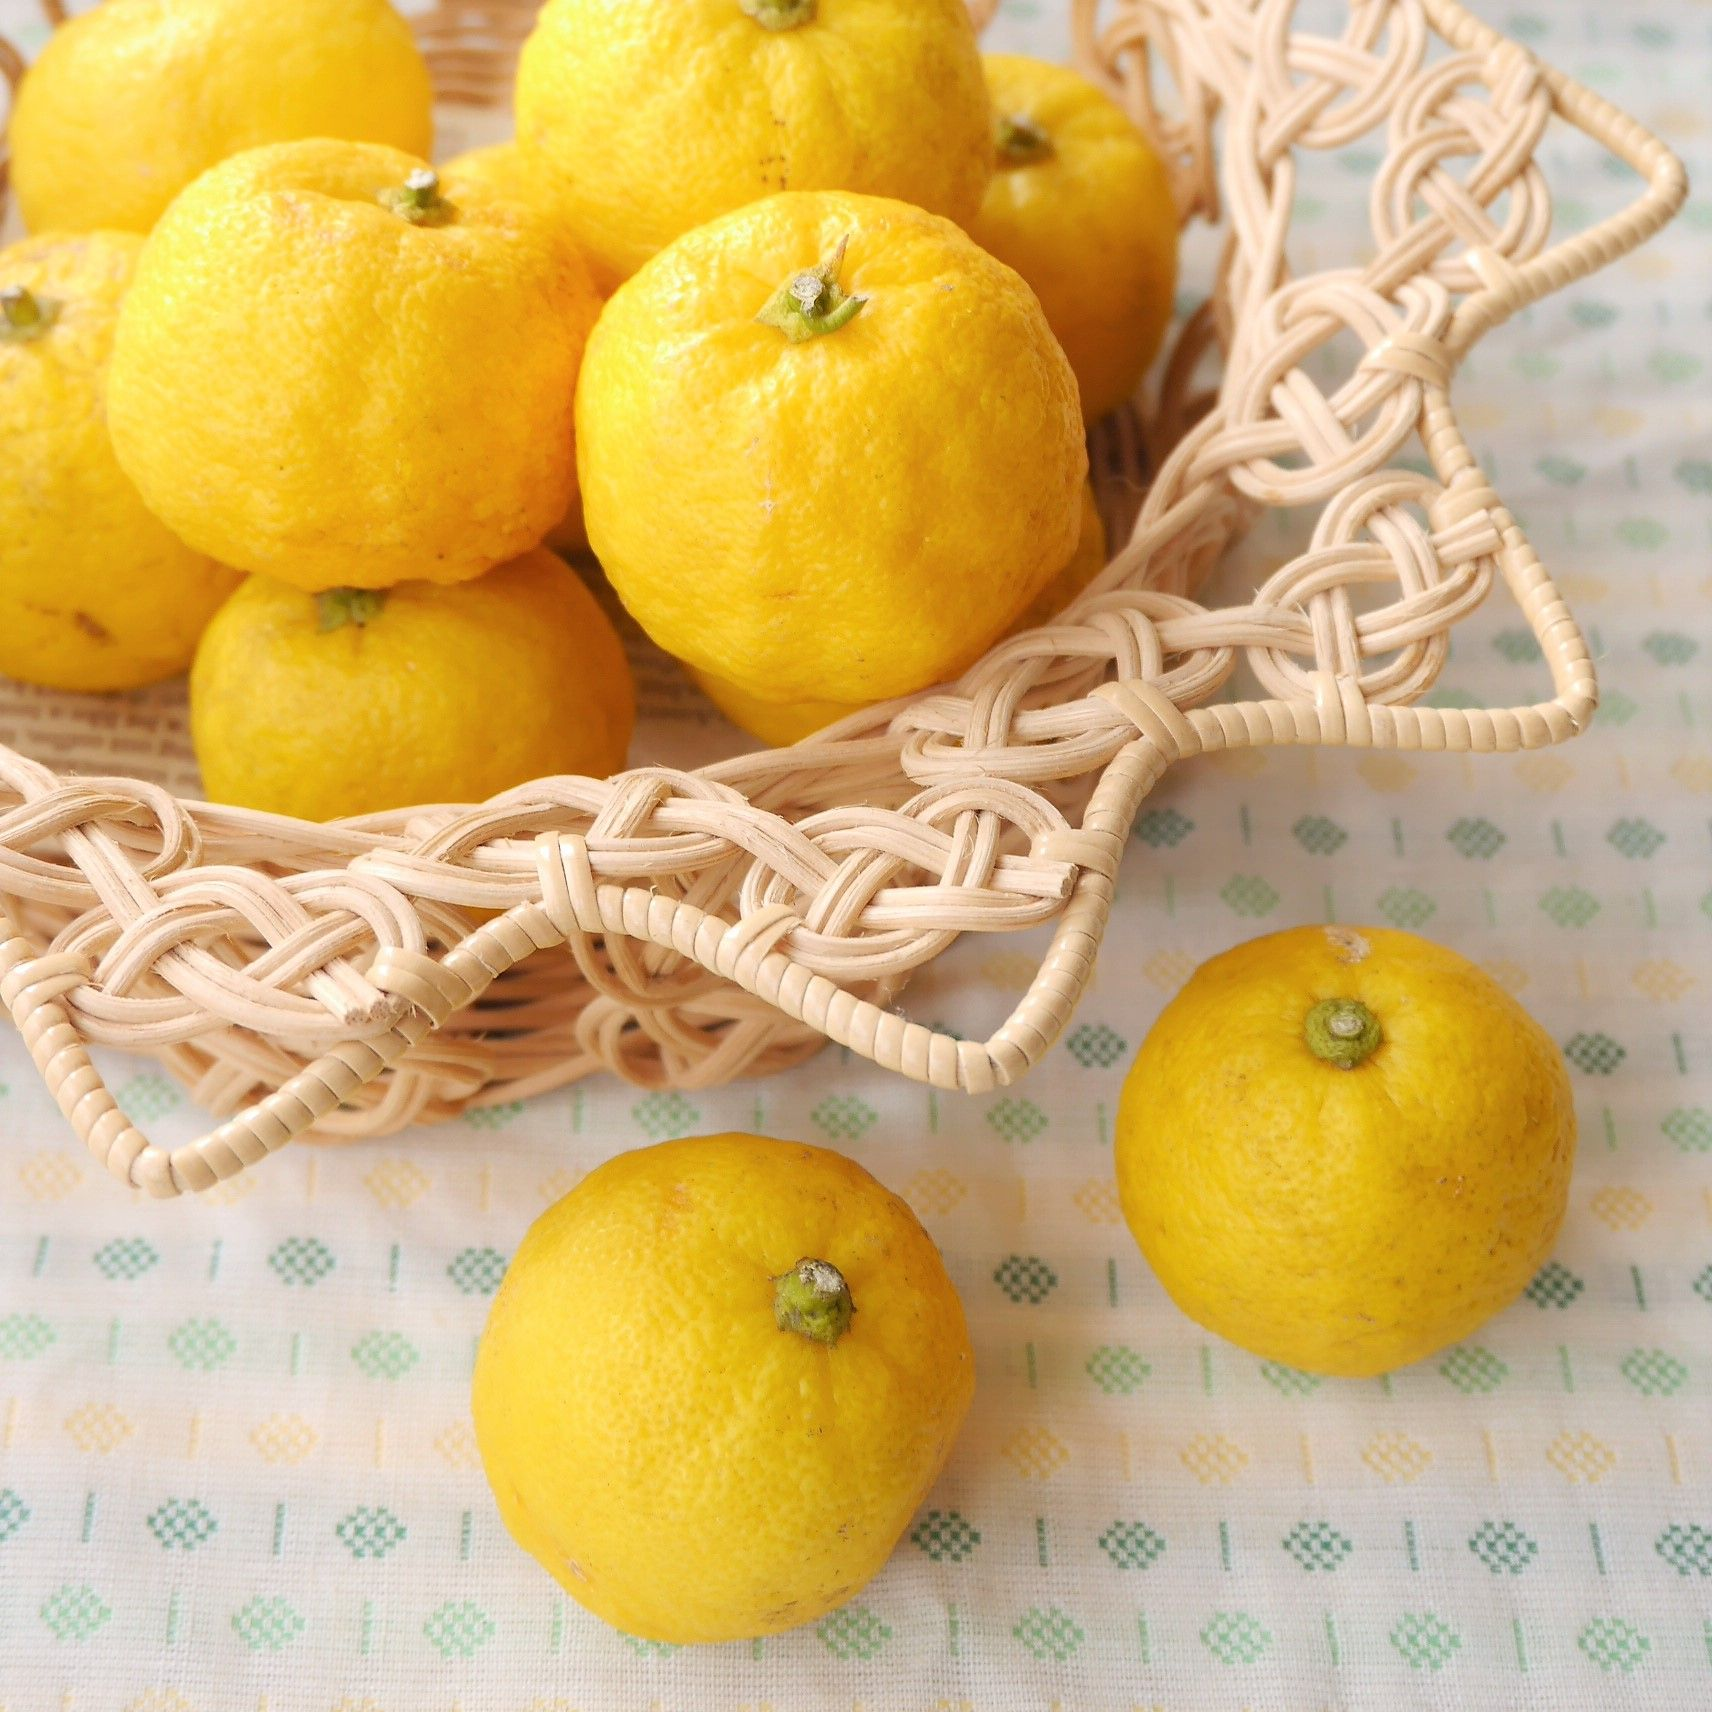 かごいっぱいの柚子